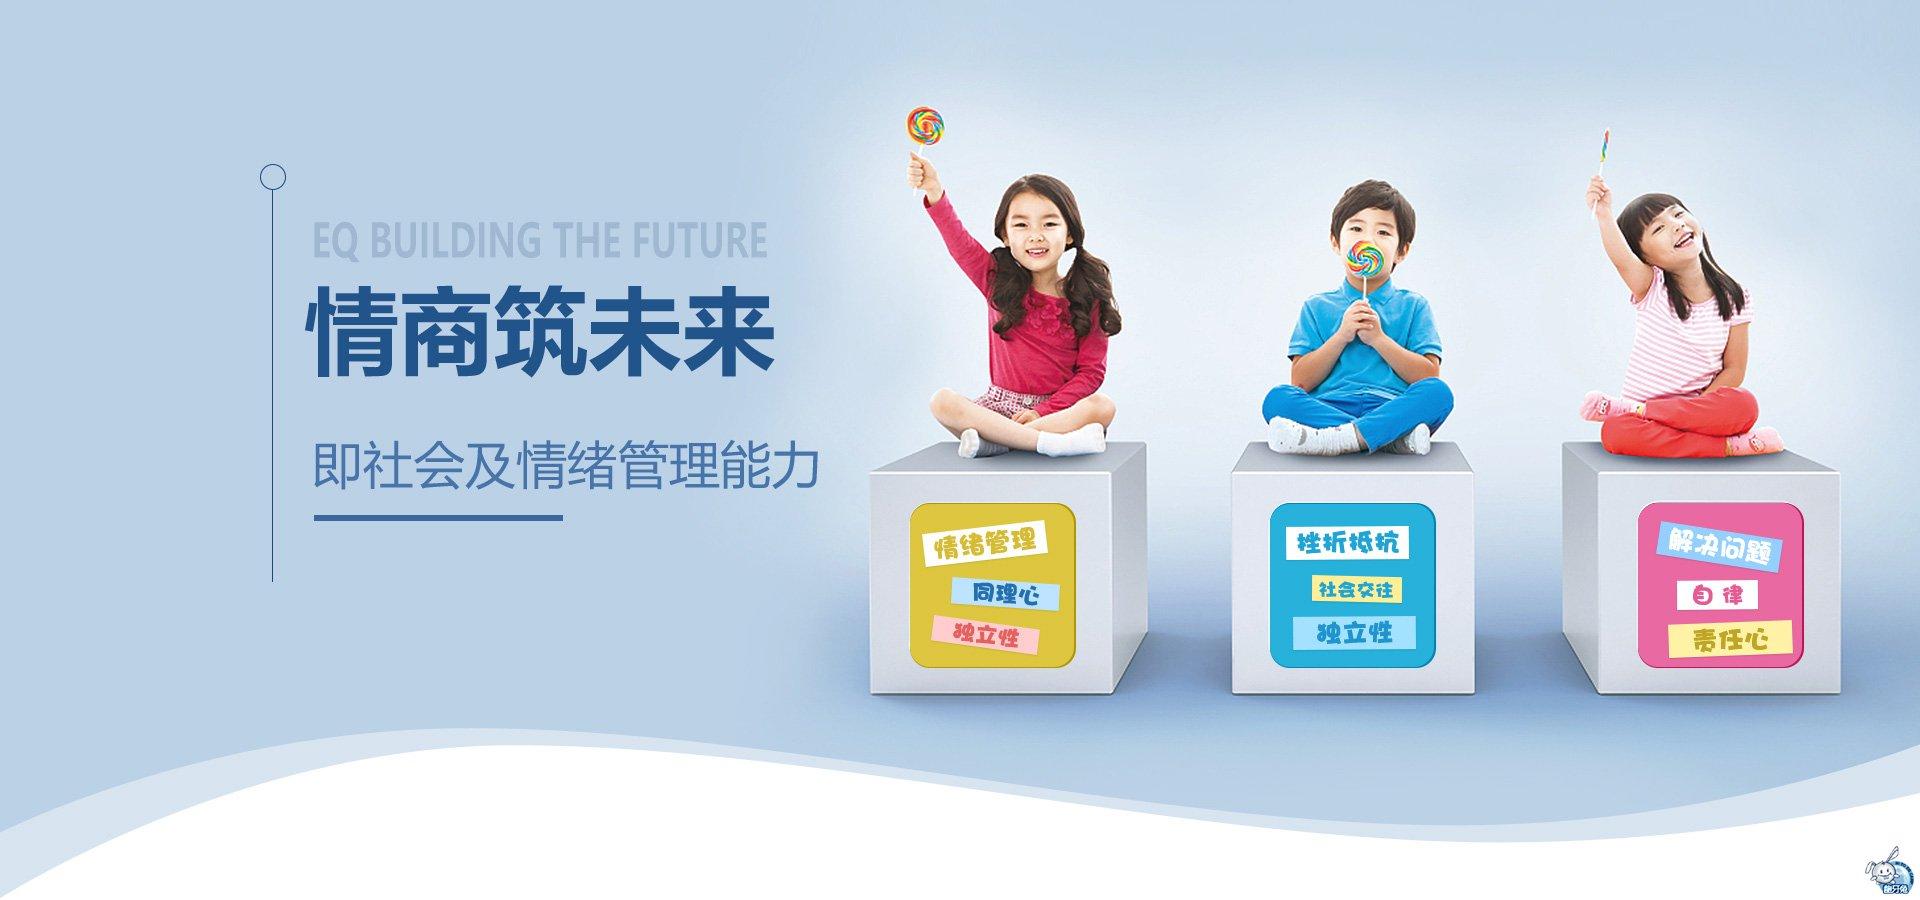 龙8娱乐亚洲官网铸造未